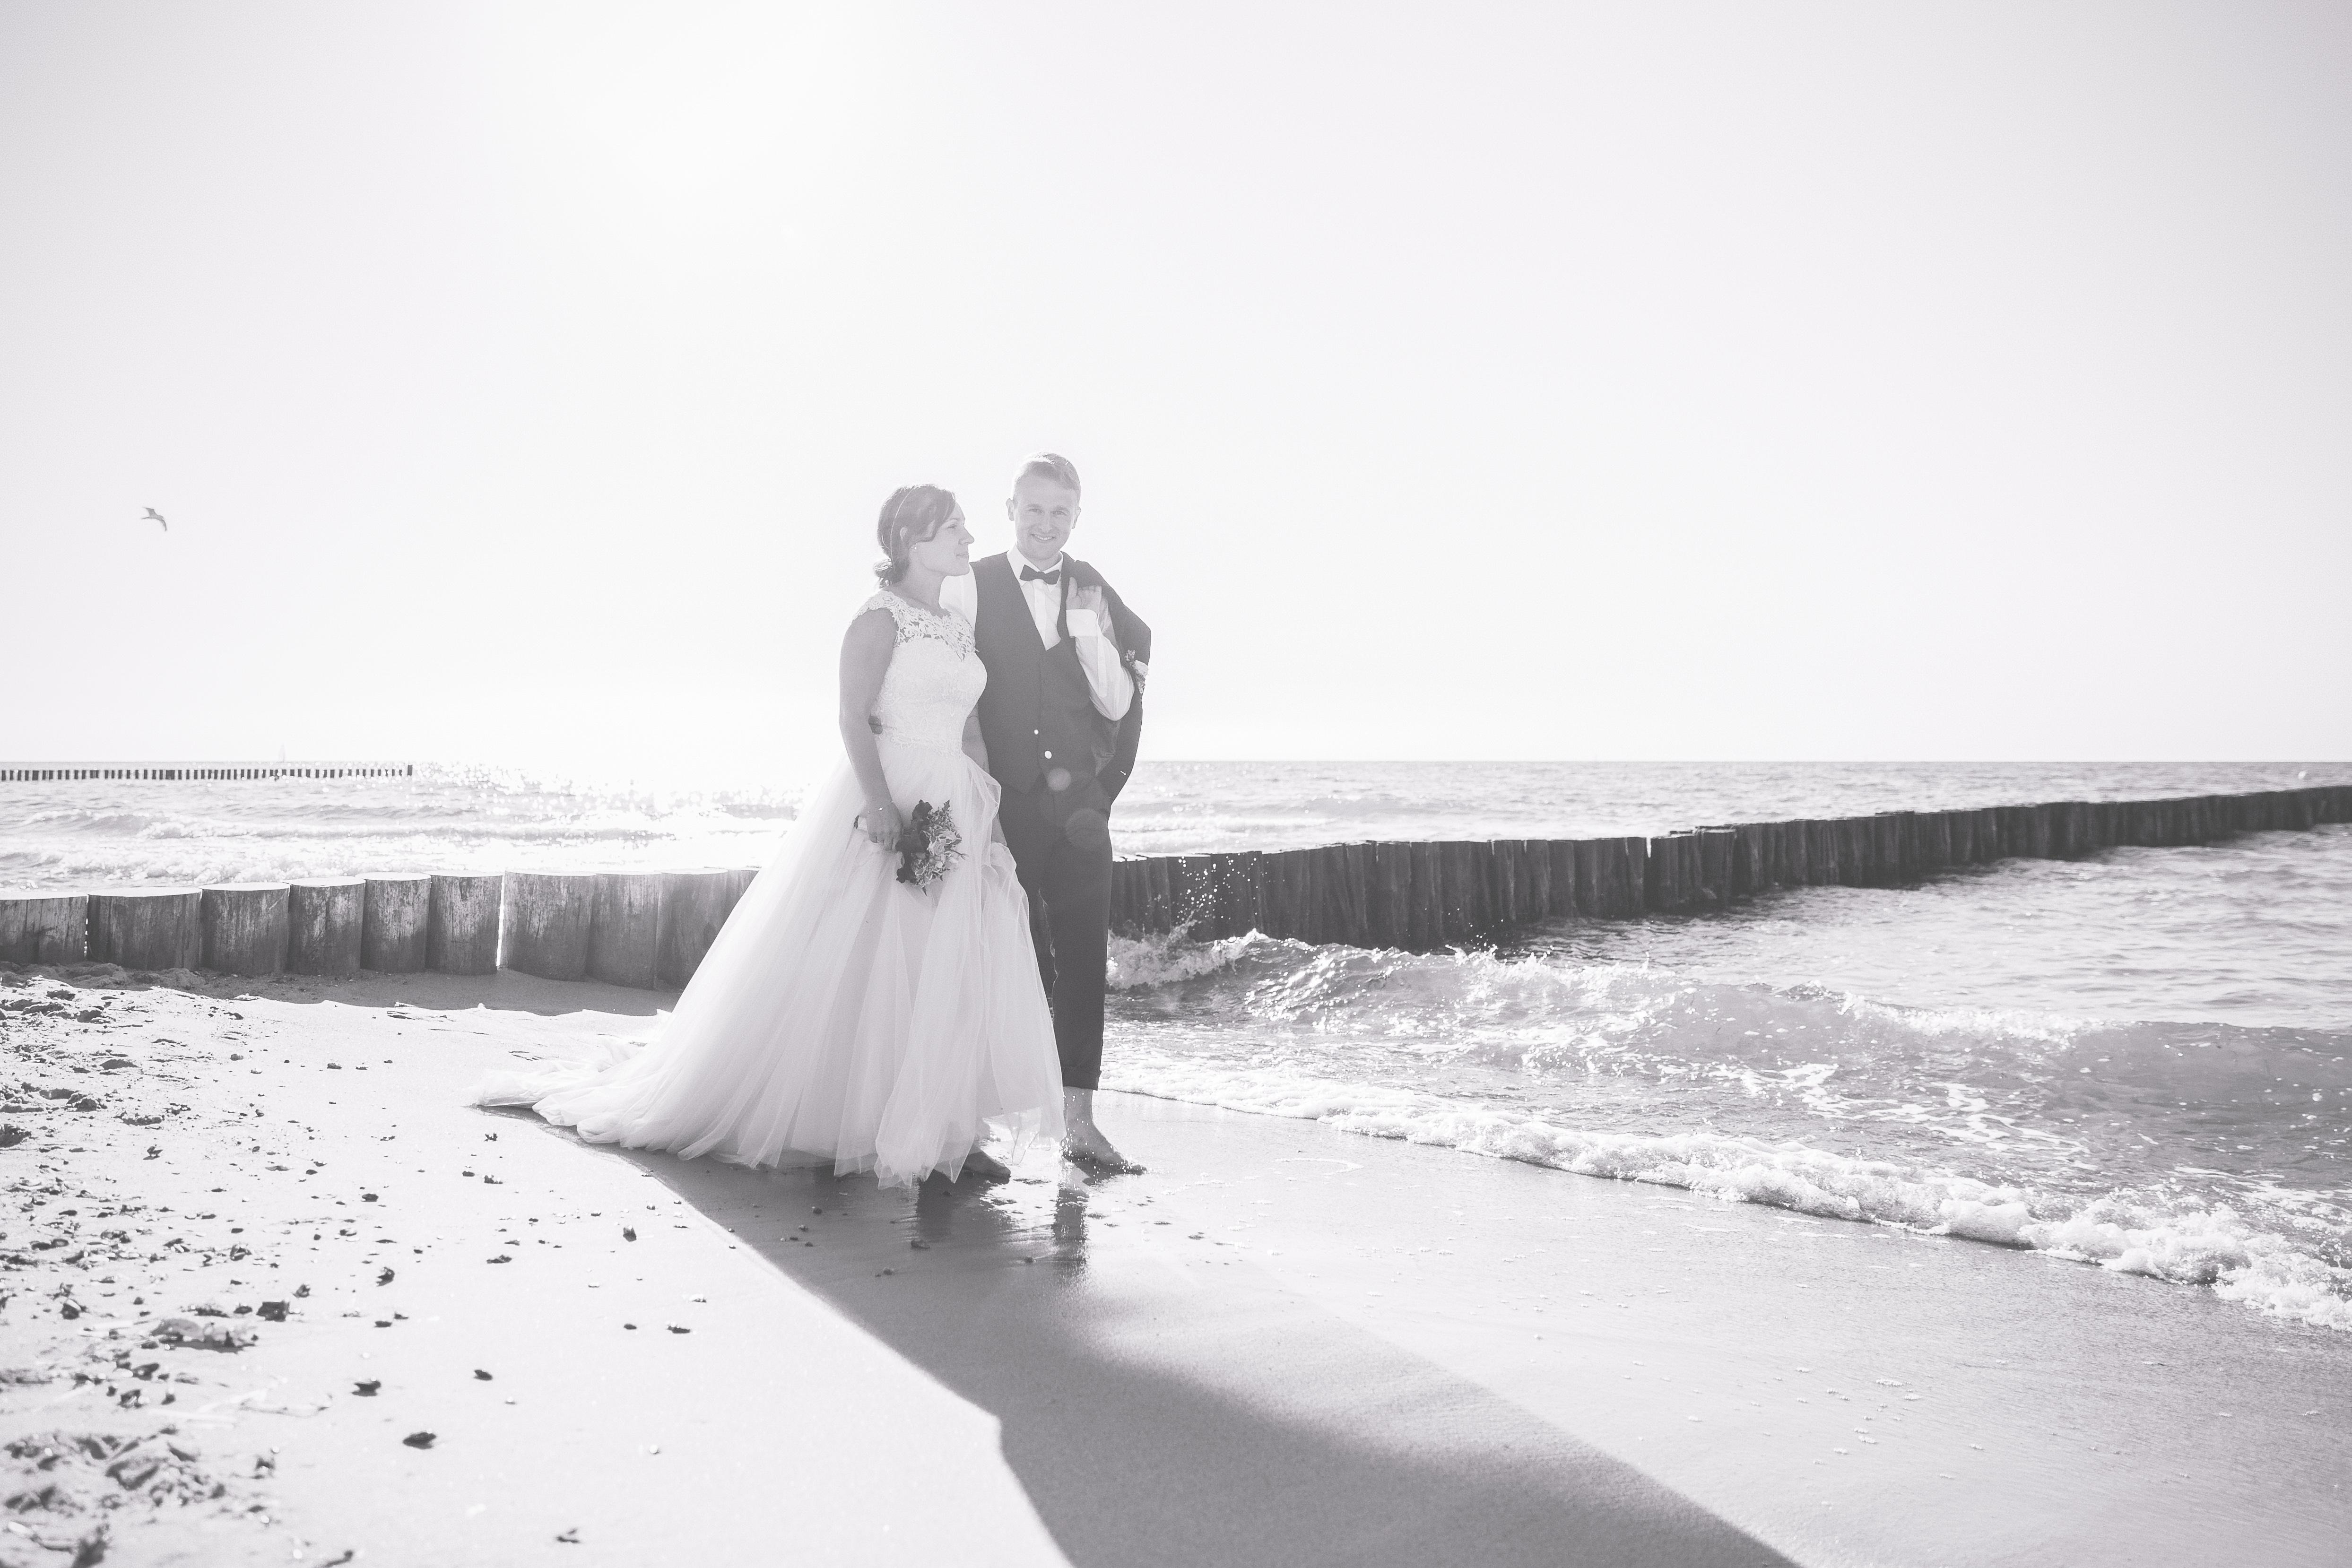 Brautpaar beim Fotoshooting am Strand.